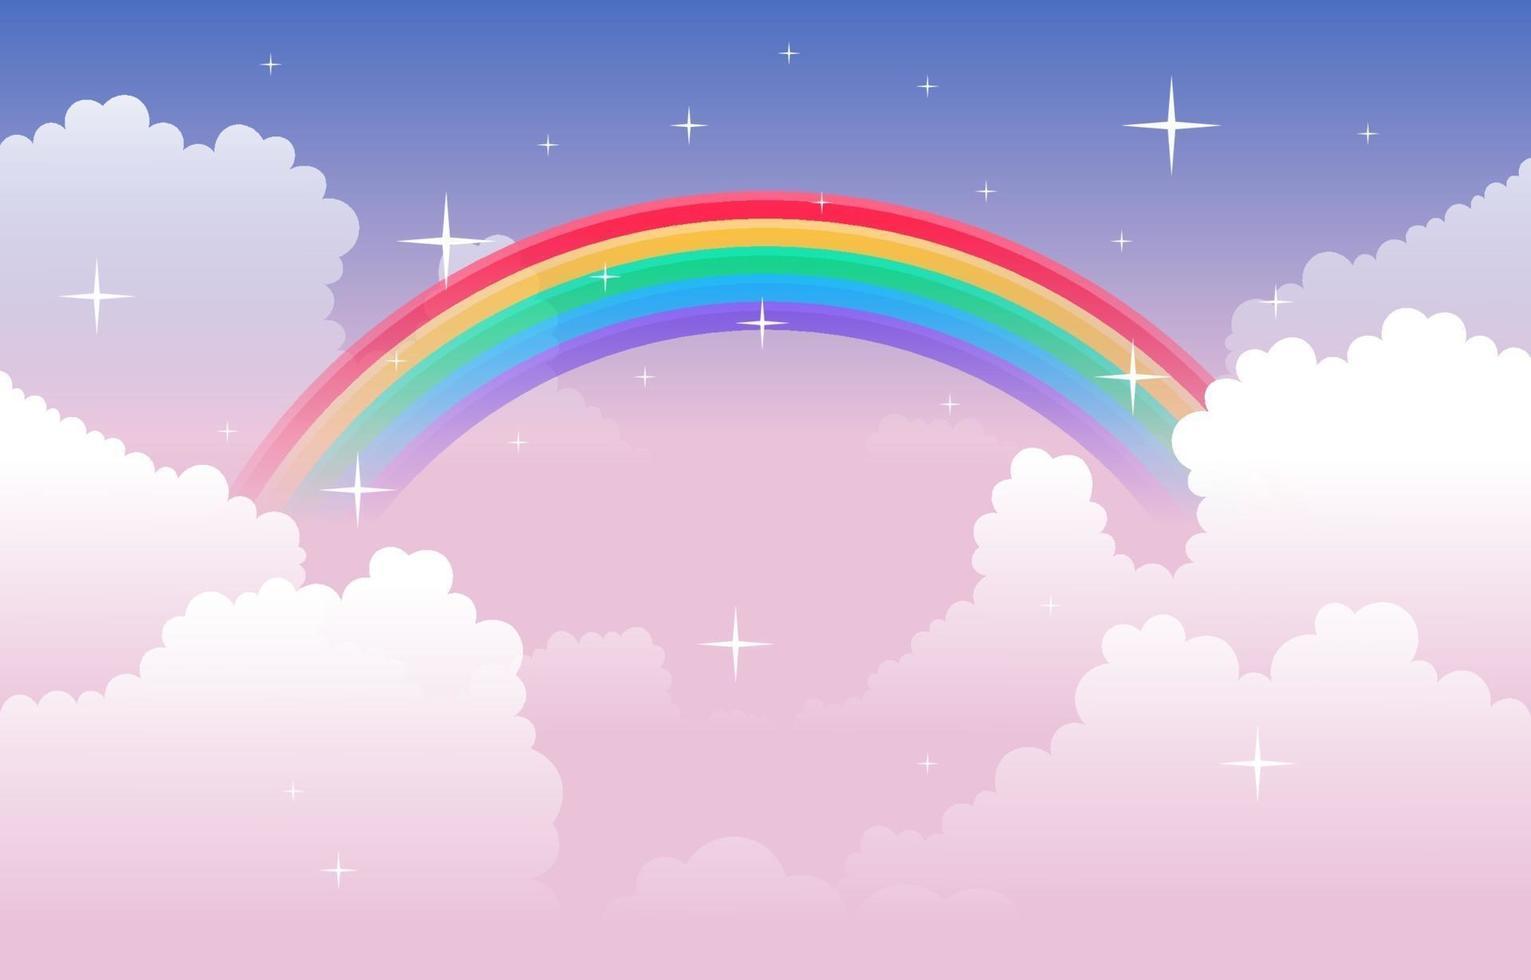 ilustração da natureza lindo arco-íris colorido nuvem céu vetor